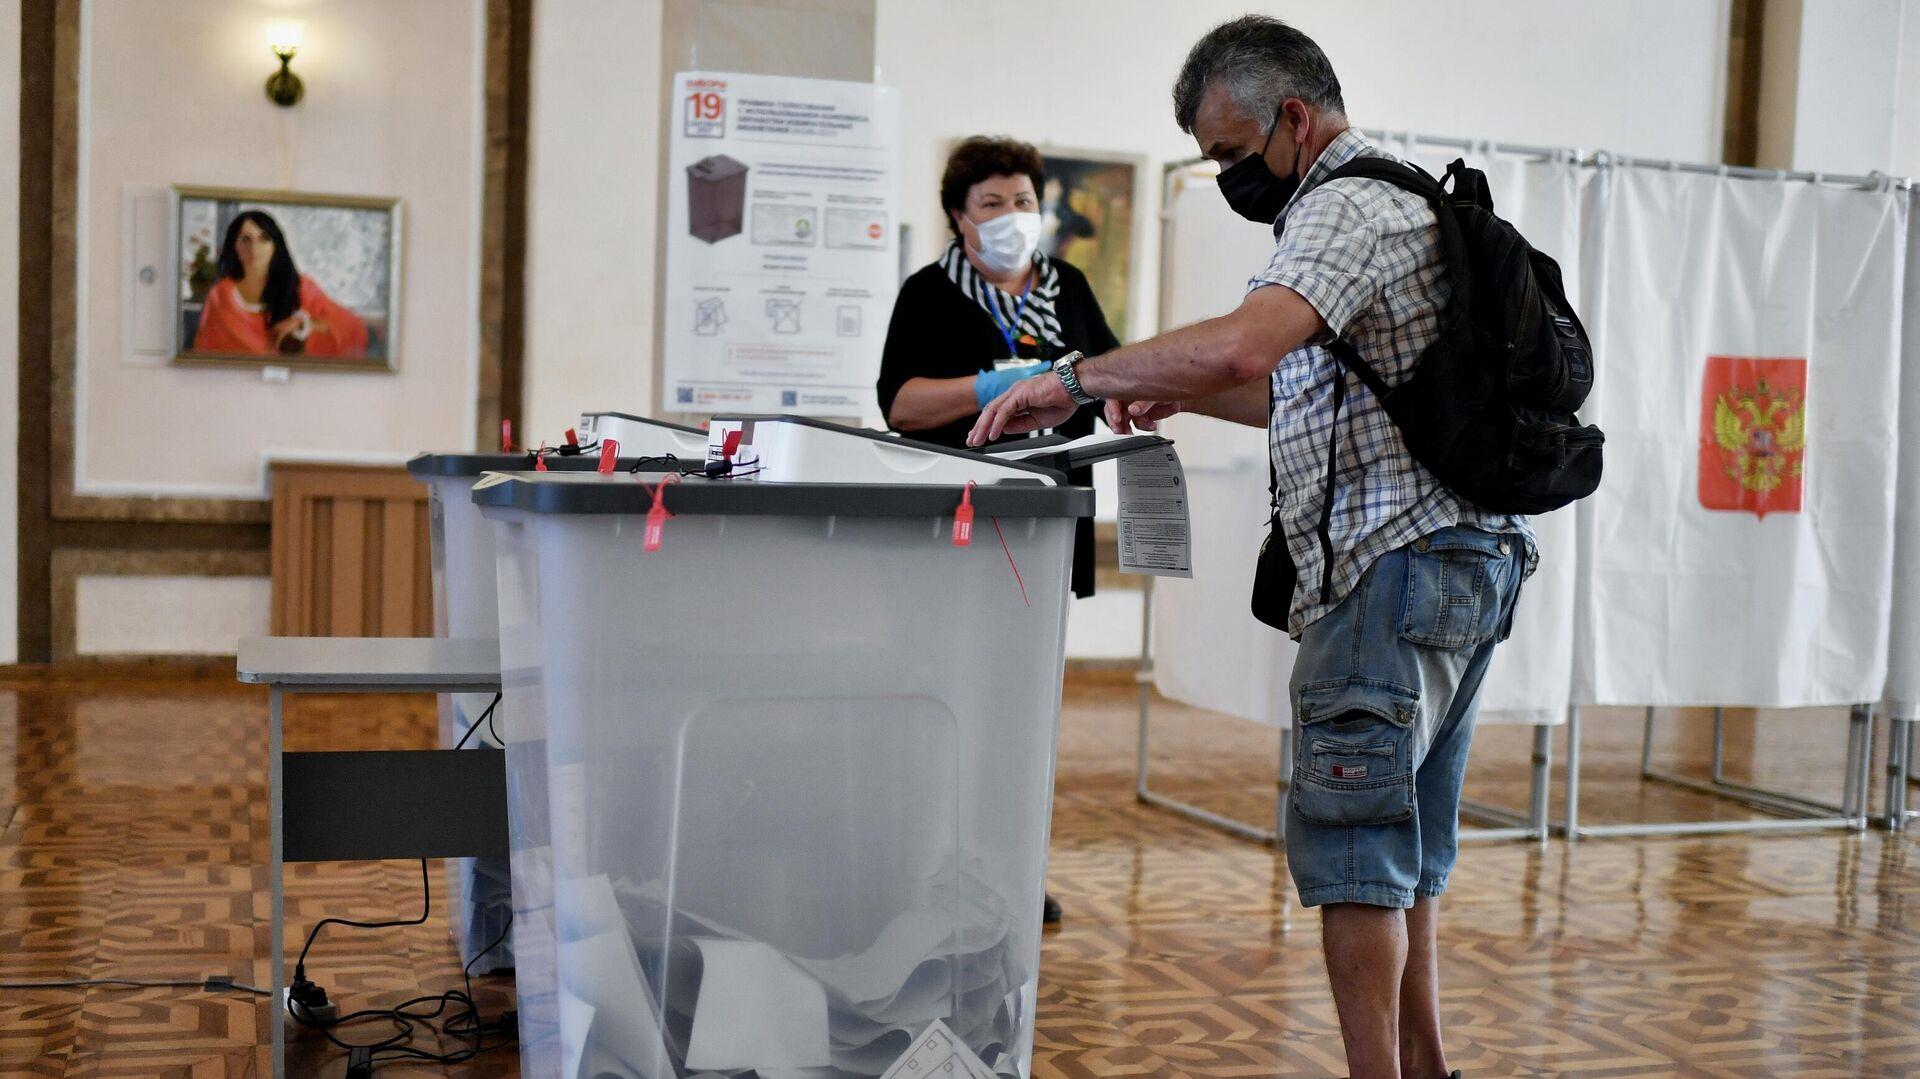 Наблюдатель из Сербии заявил, что выборы в Крыму проходят образцово